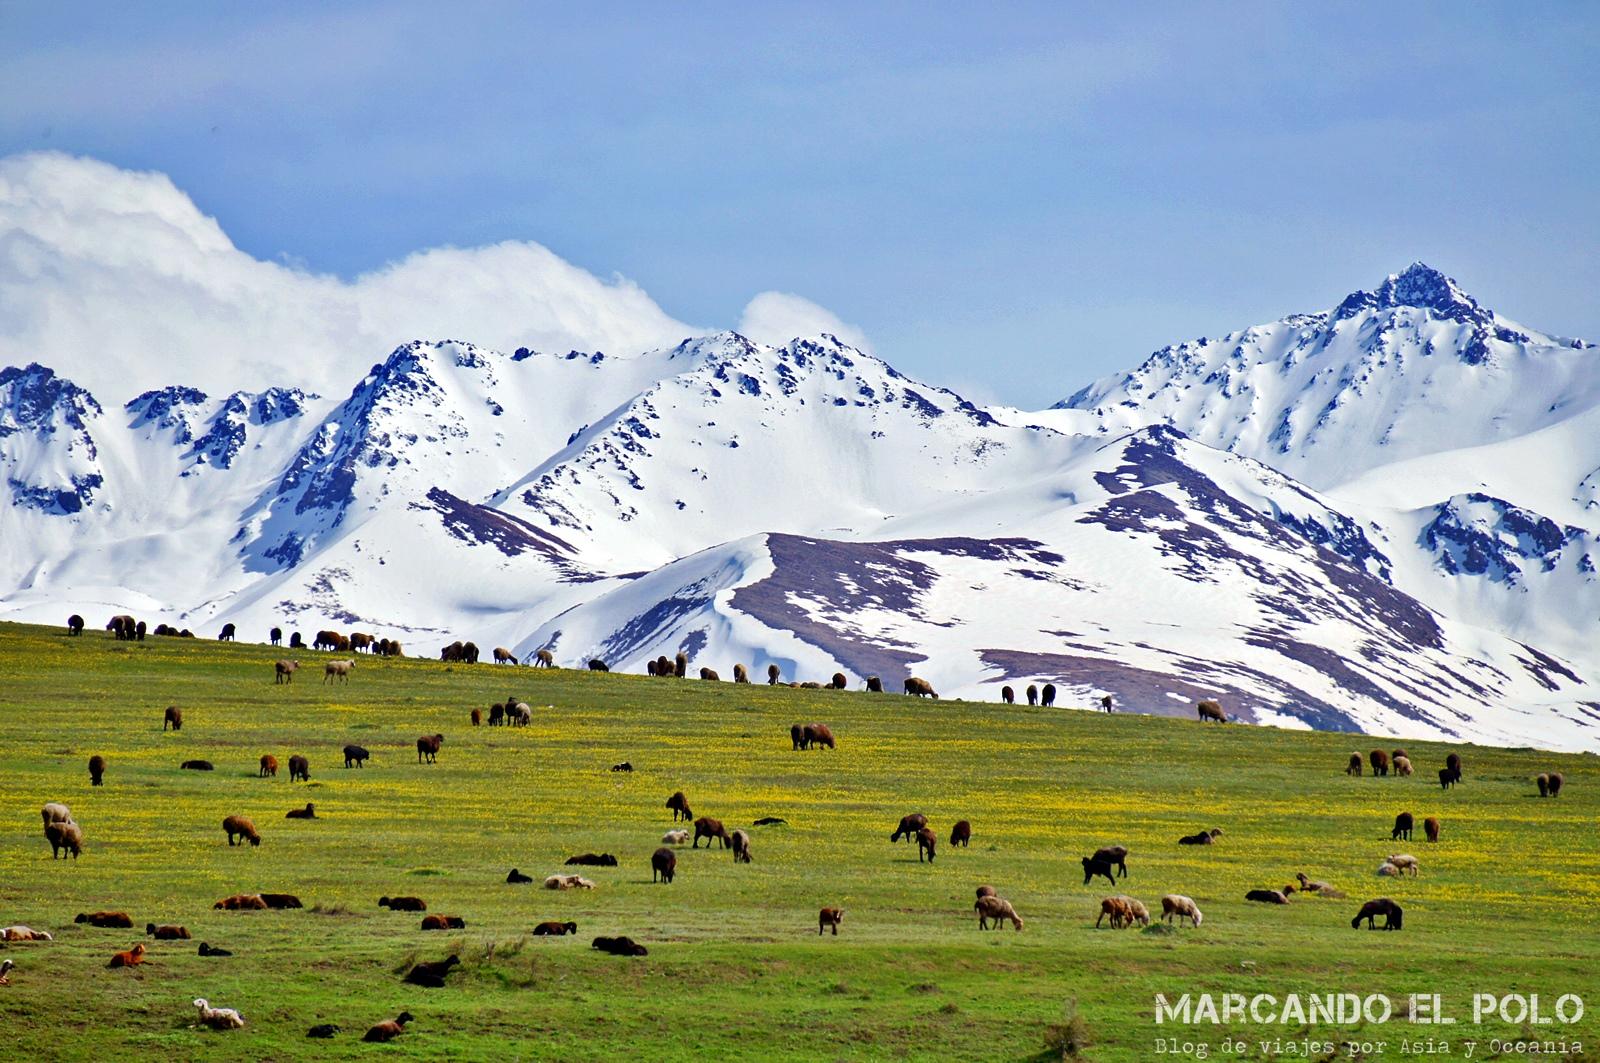 Sin ir muy lejos de Karakol, llegás a lugares como éste...